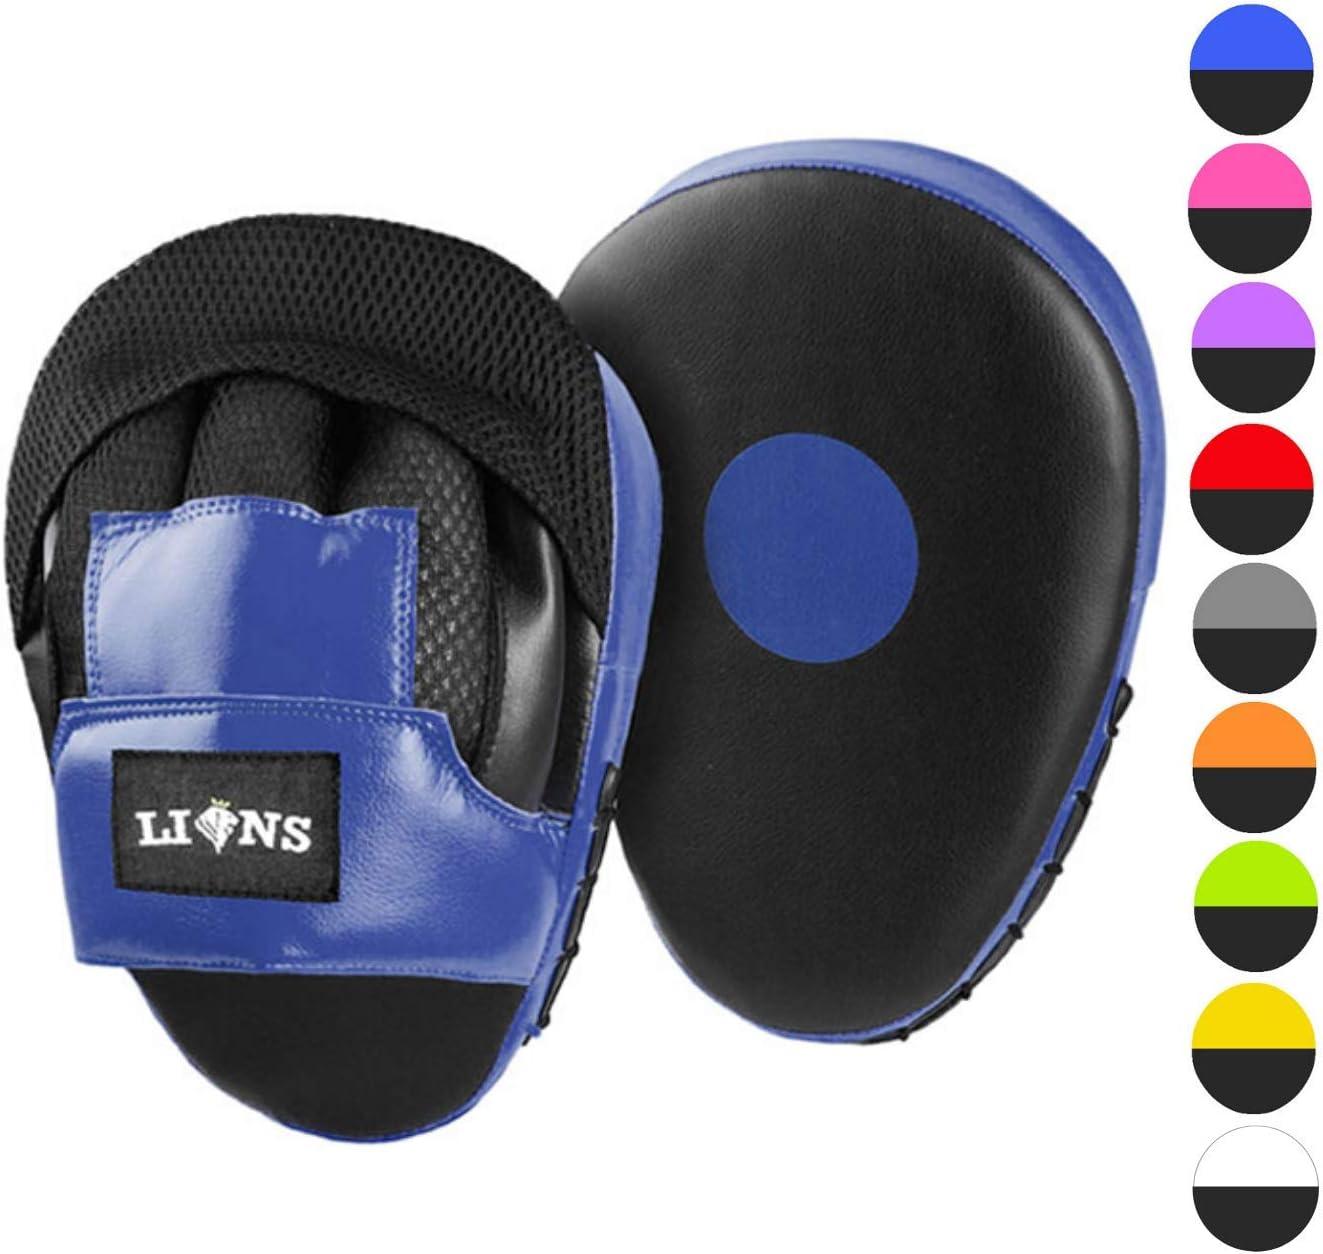 de Lions Guantes abiertos para golpes curvos para entrenamiento de artes marciales golpes directos de izquierda, ganchos y patadas